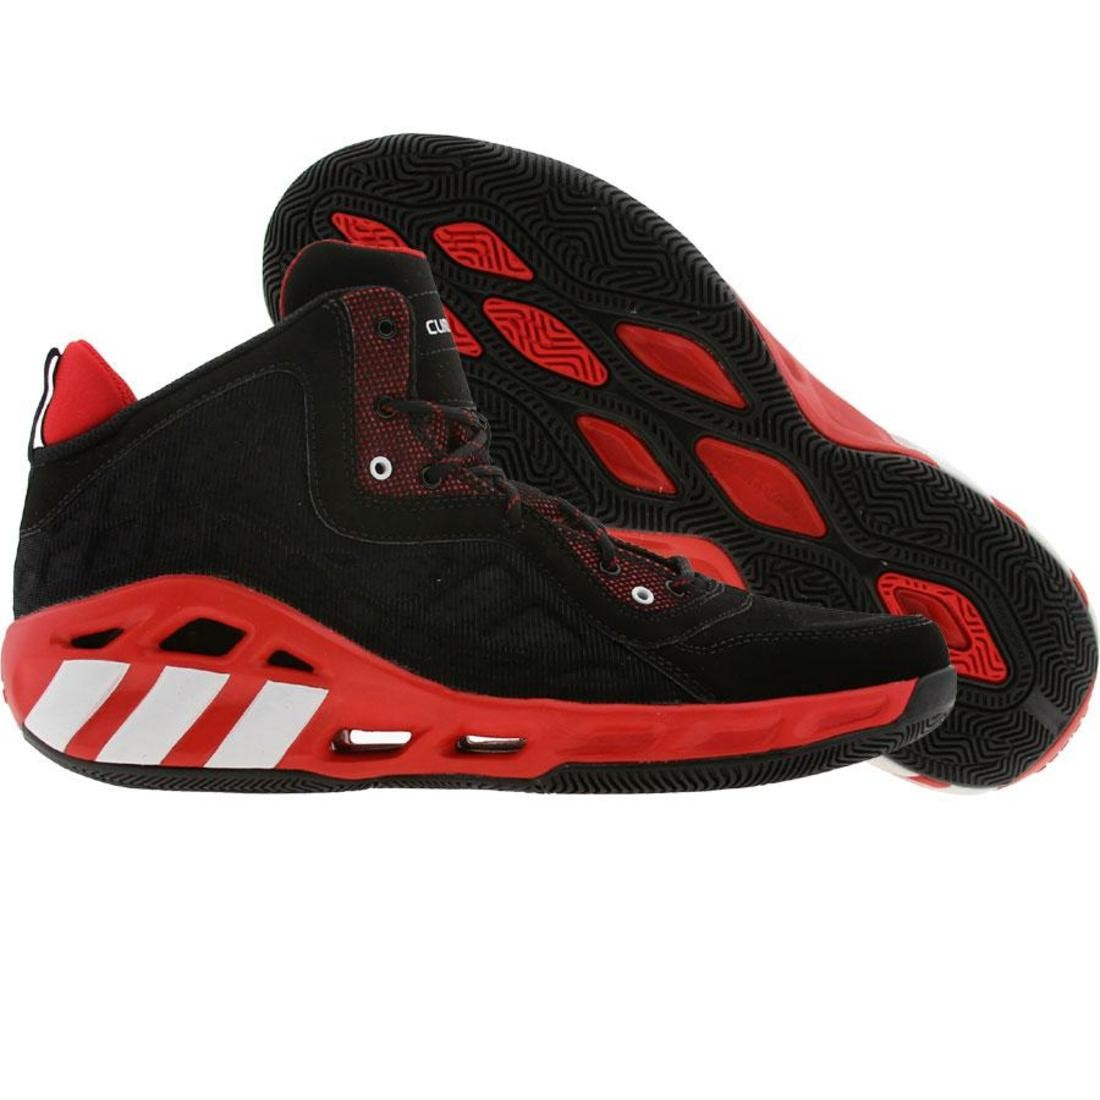 【海外限定】アディダス クレイジー クール 靴 メンズ靴 【 ADIDAS CRAZY COOL BLACK RUNNINWHITE LIGHT SCARLET 】